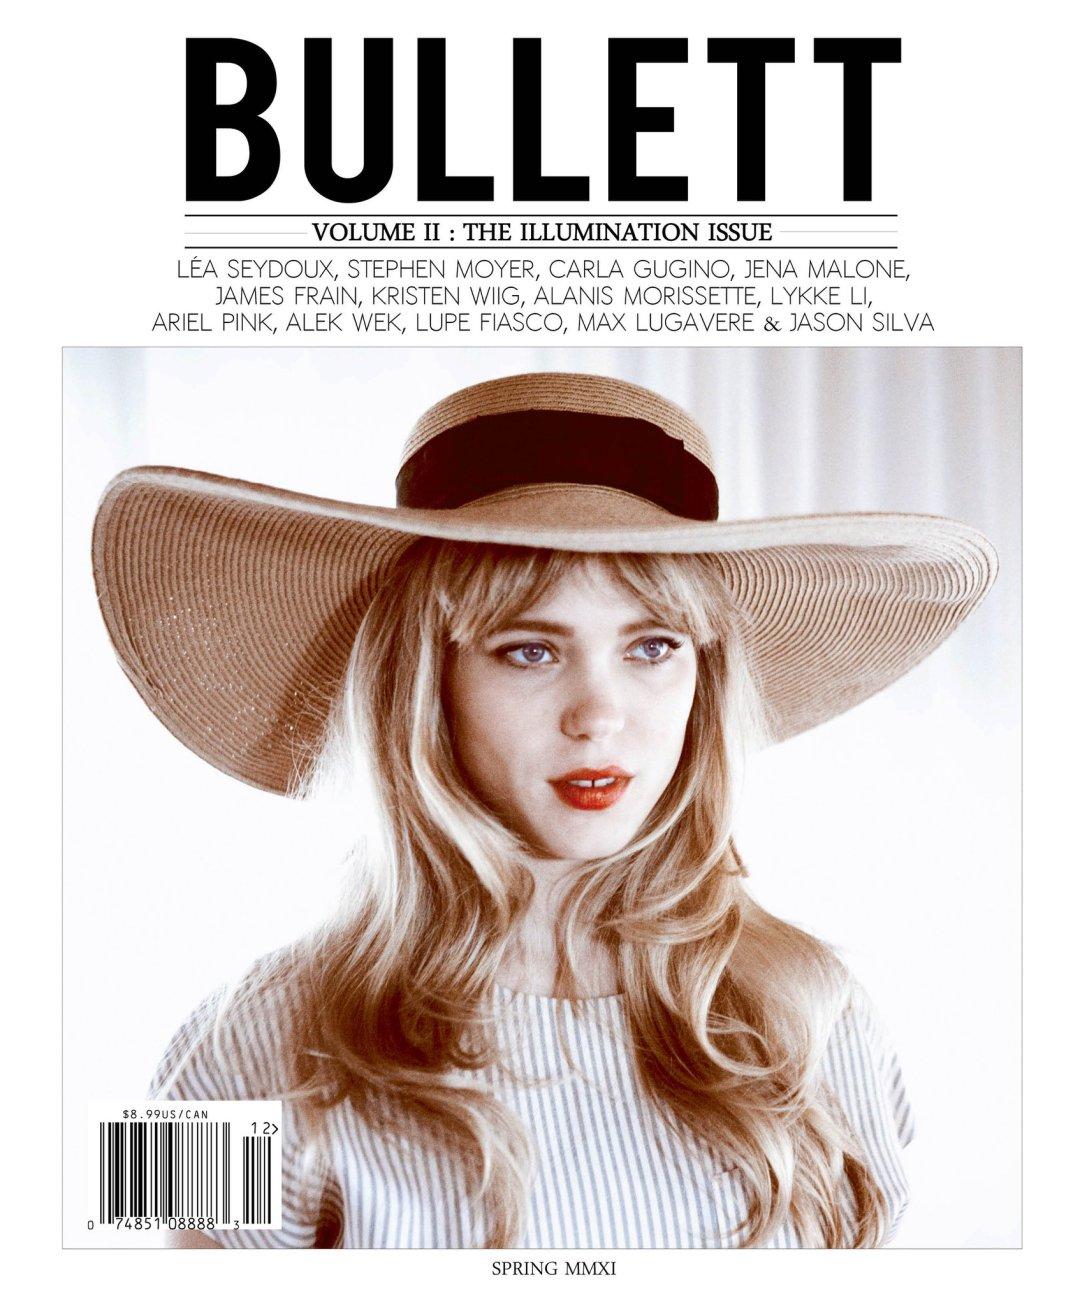 bullettcover